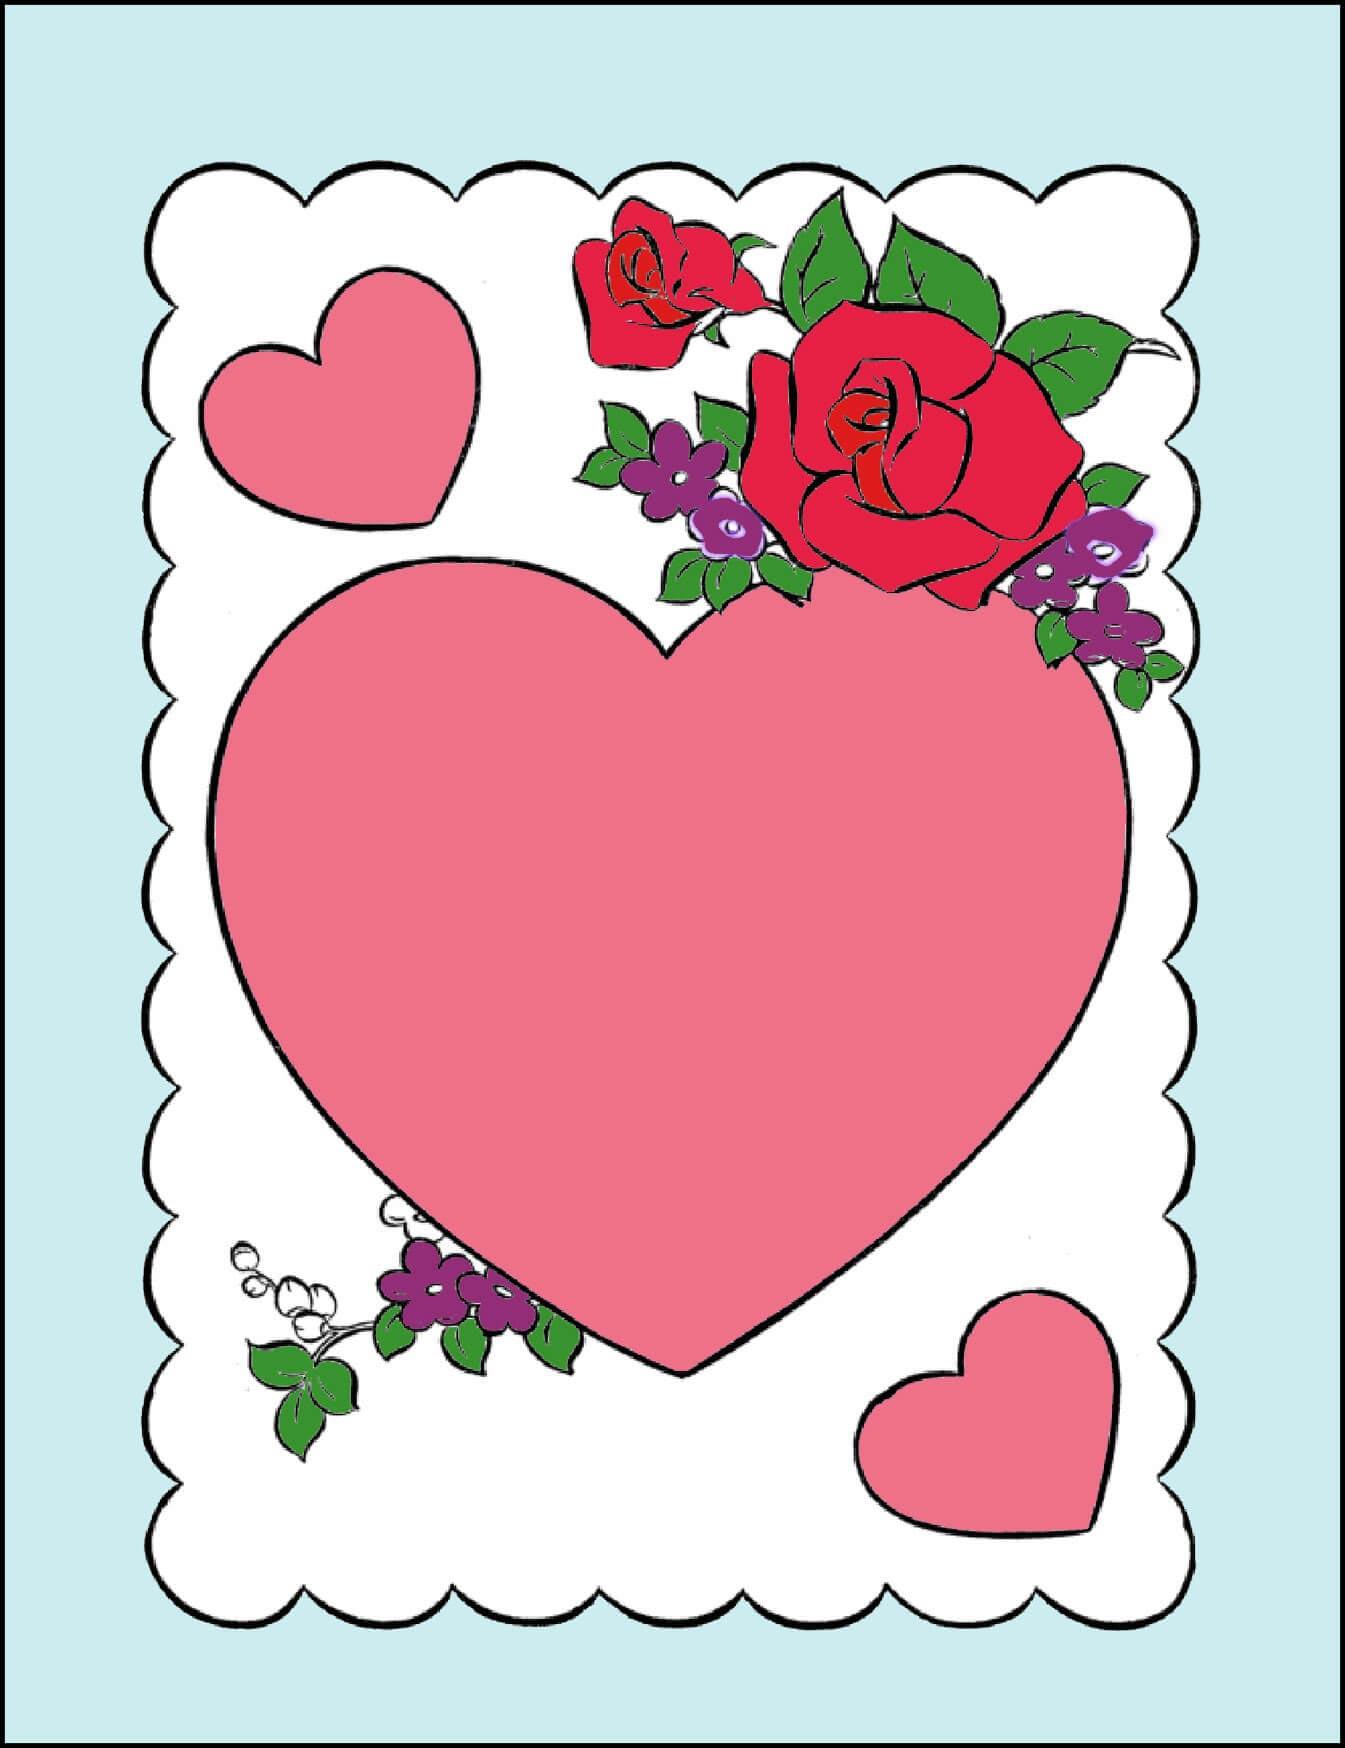 открытка на день валентина нарисовать своими руками самых необычных трогательных